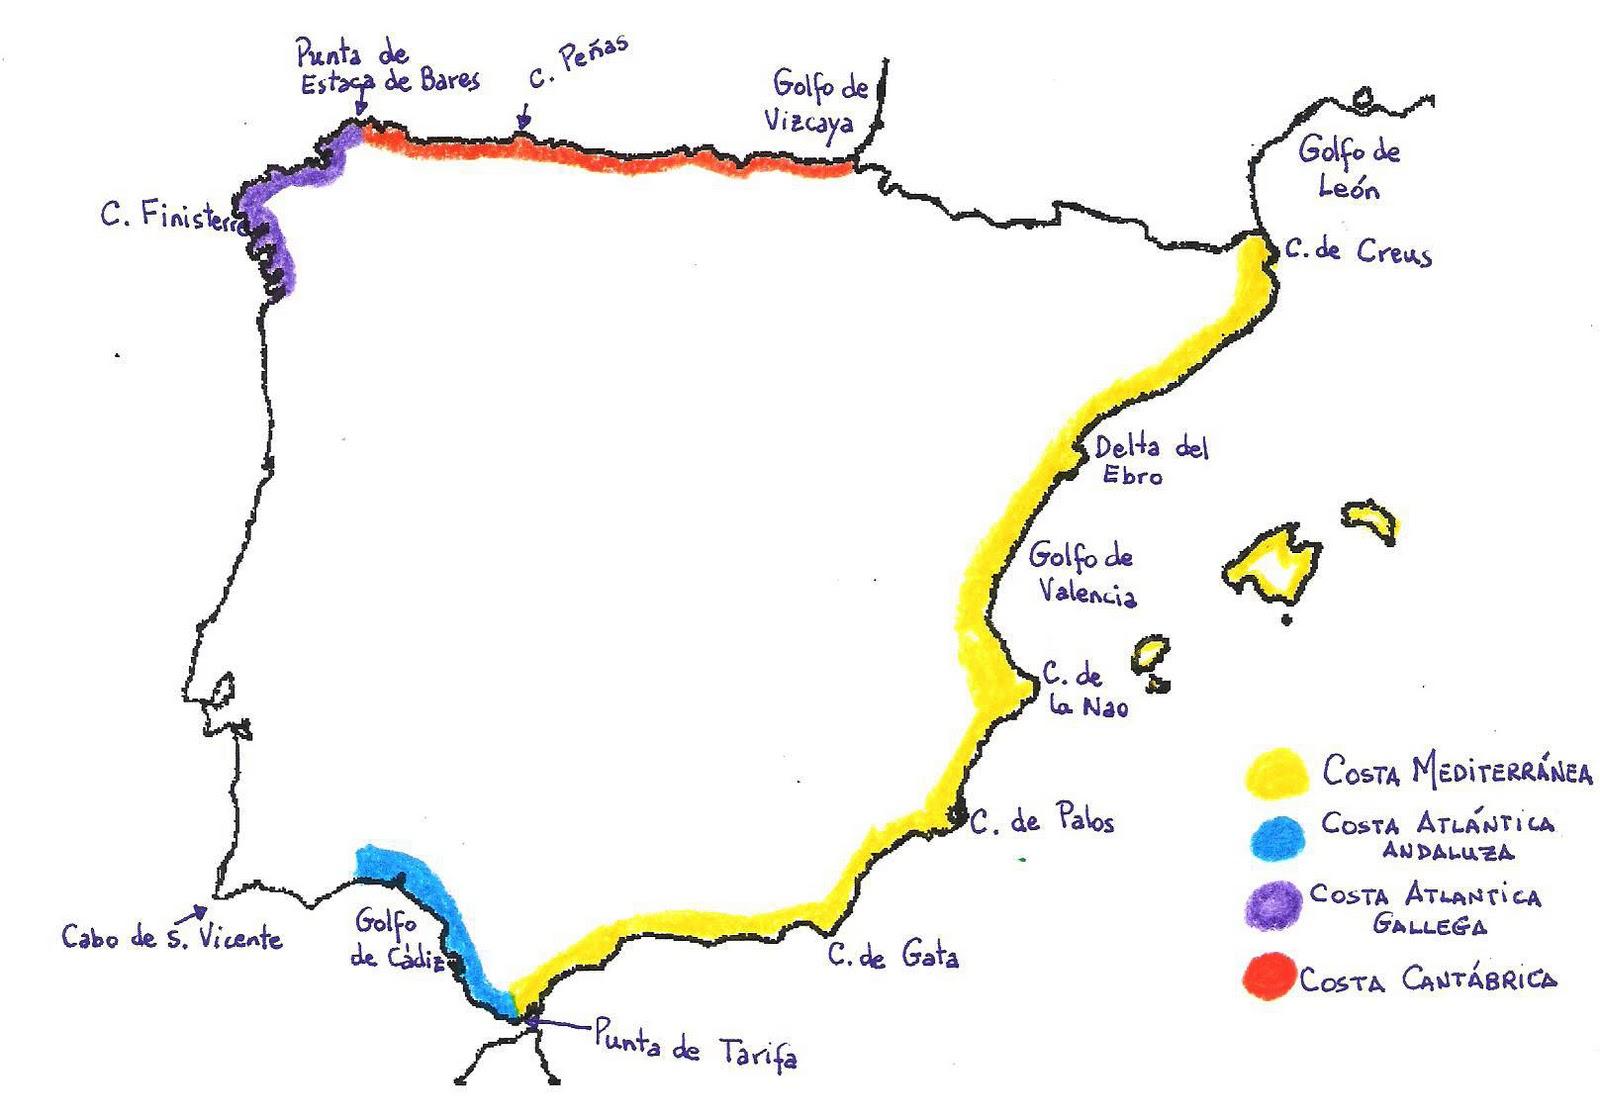 Costas De España Mapa.El Blog De 6 º B Juegos Interactivos Las Costas De Espana